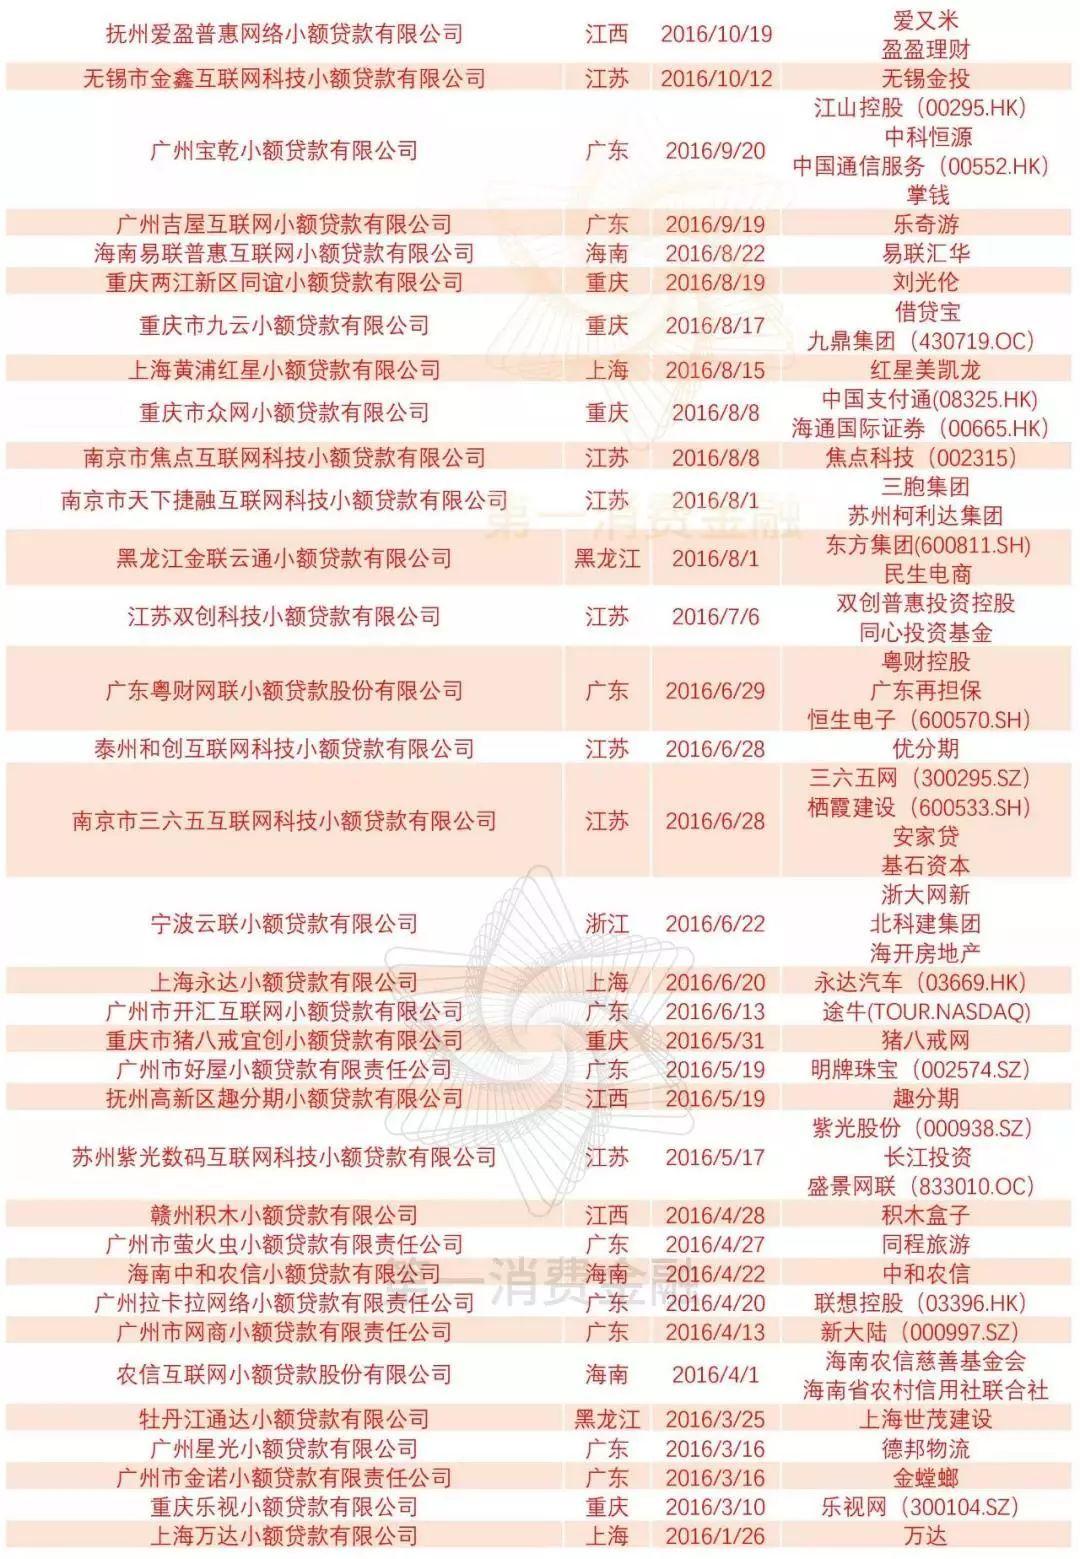 最新276张网络小贷牌照名单